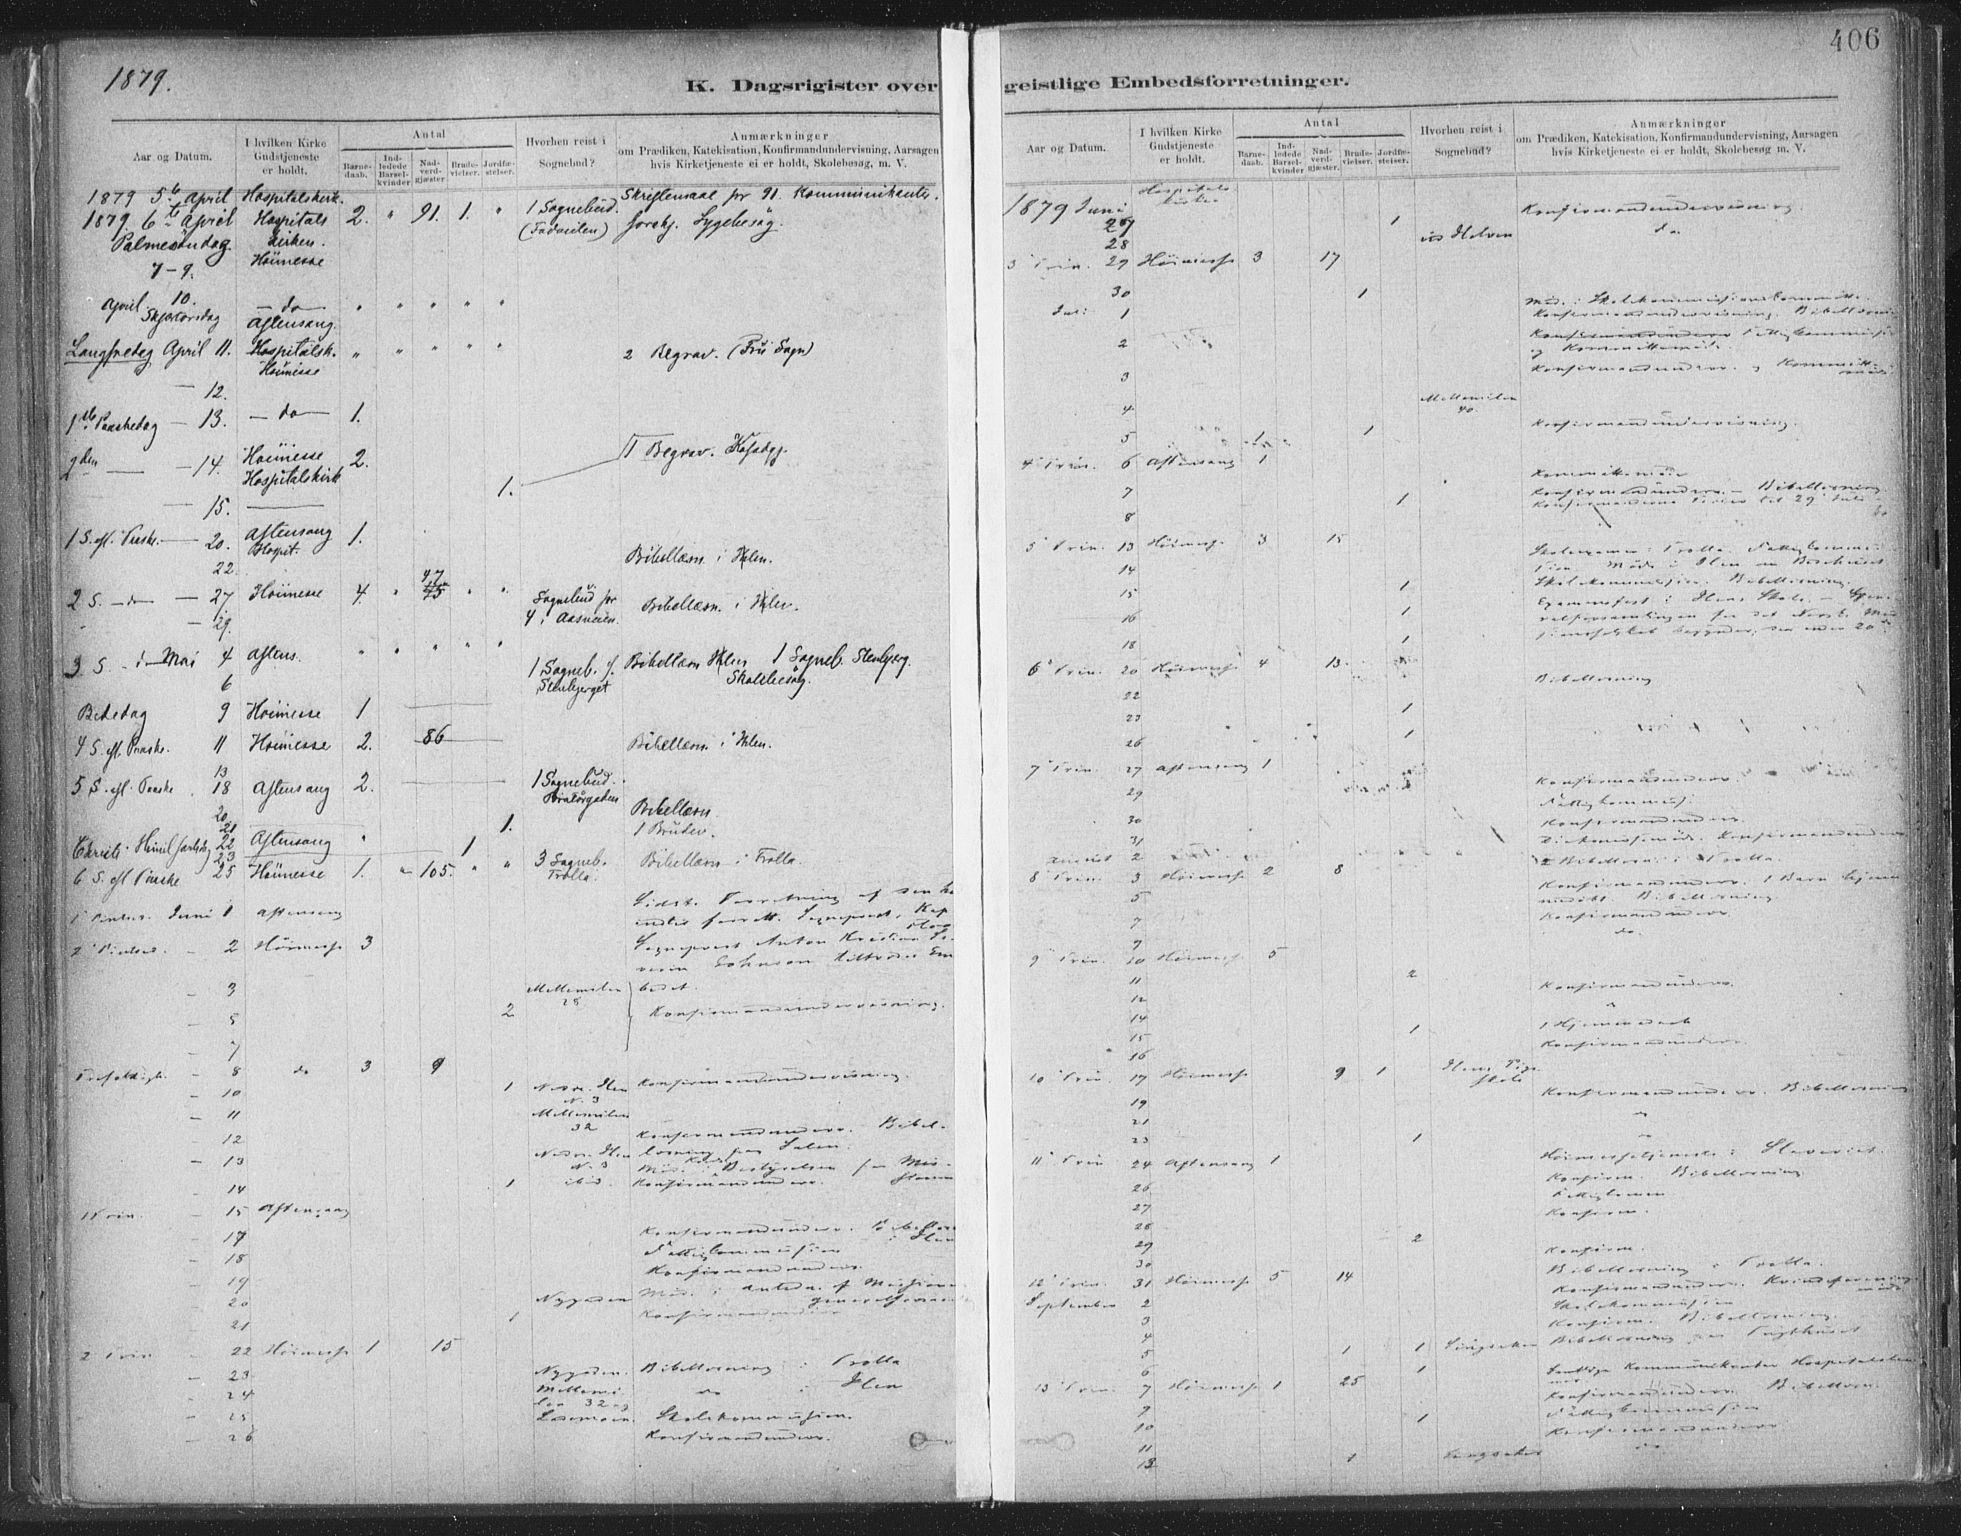 SAT, Ministerialprotokoller, klokkerbøker og fødselsregistre - Sør-Trøndelag, 603/L0163: Ministerialbok nr. 603A02, 1879-1895, s. 406